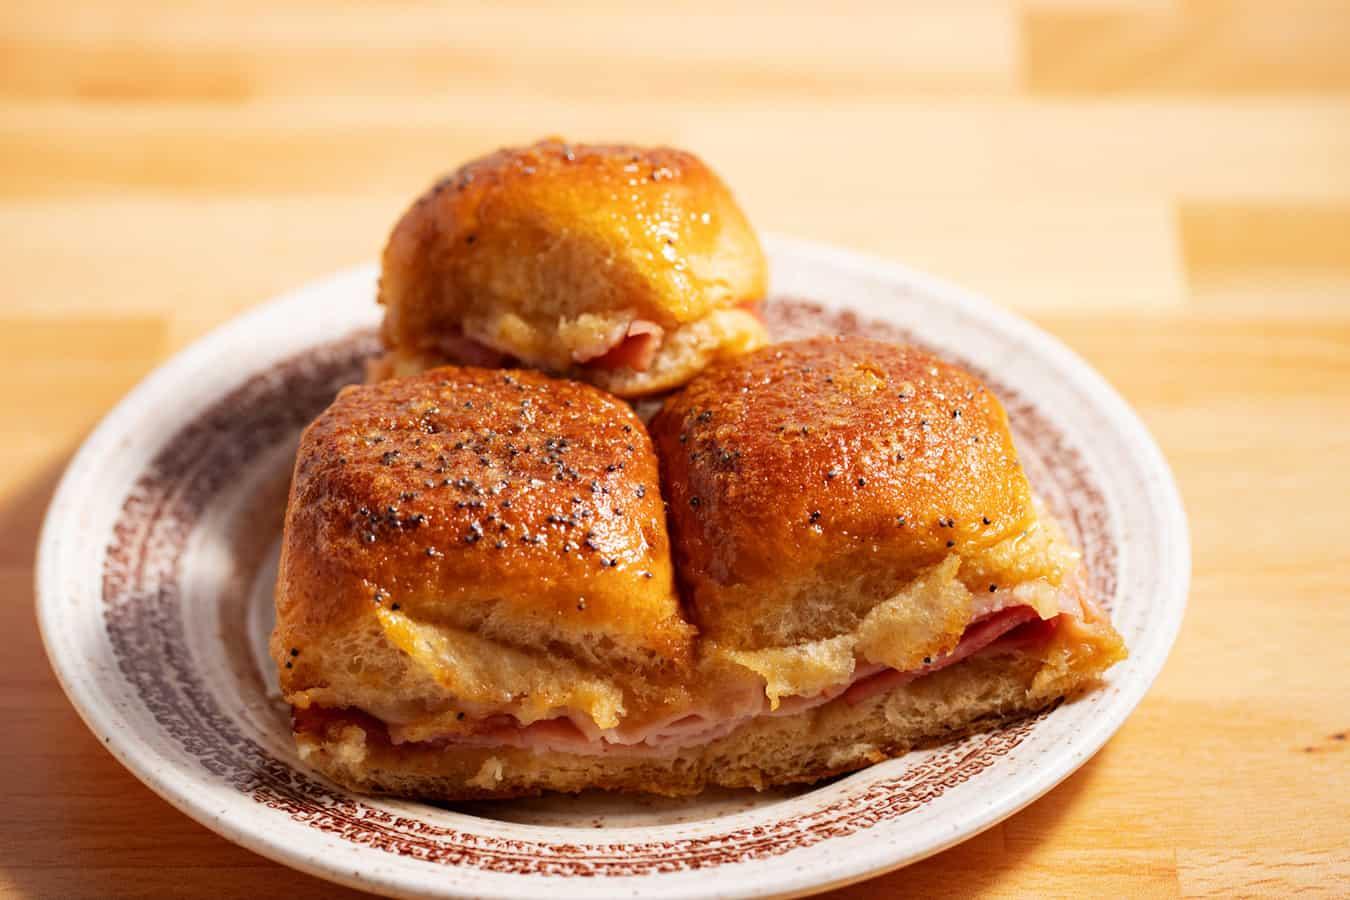 3 ham and cheese sliders